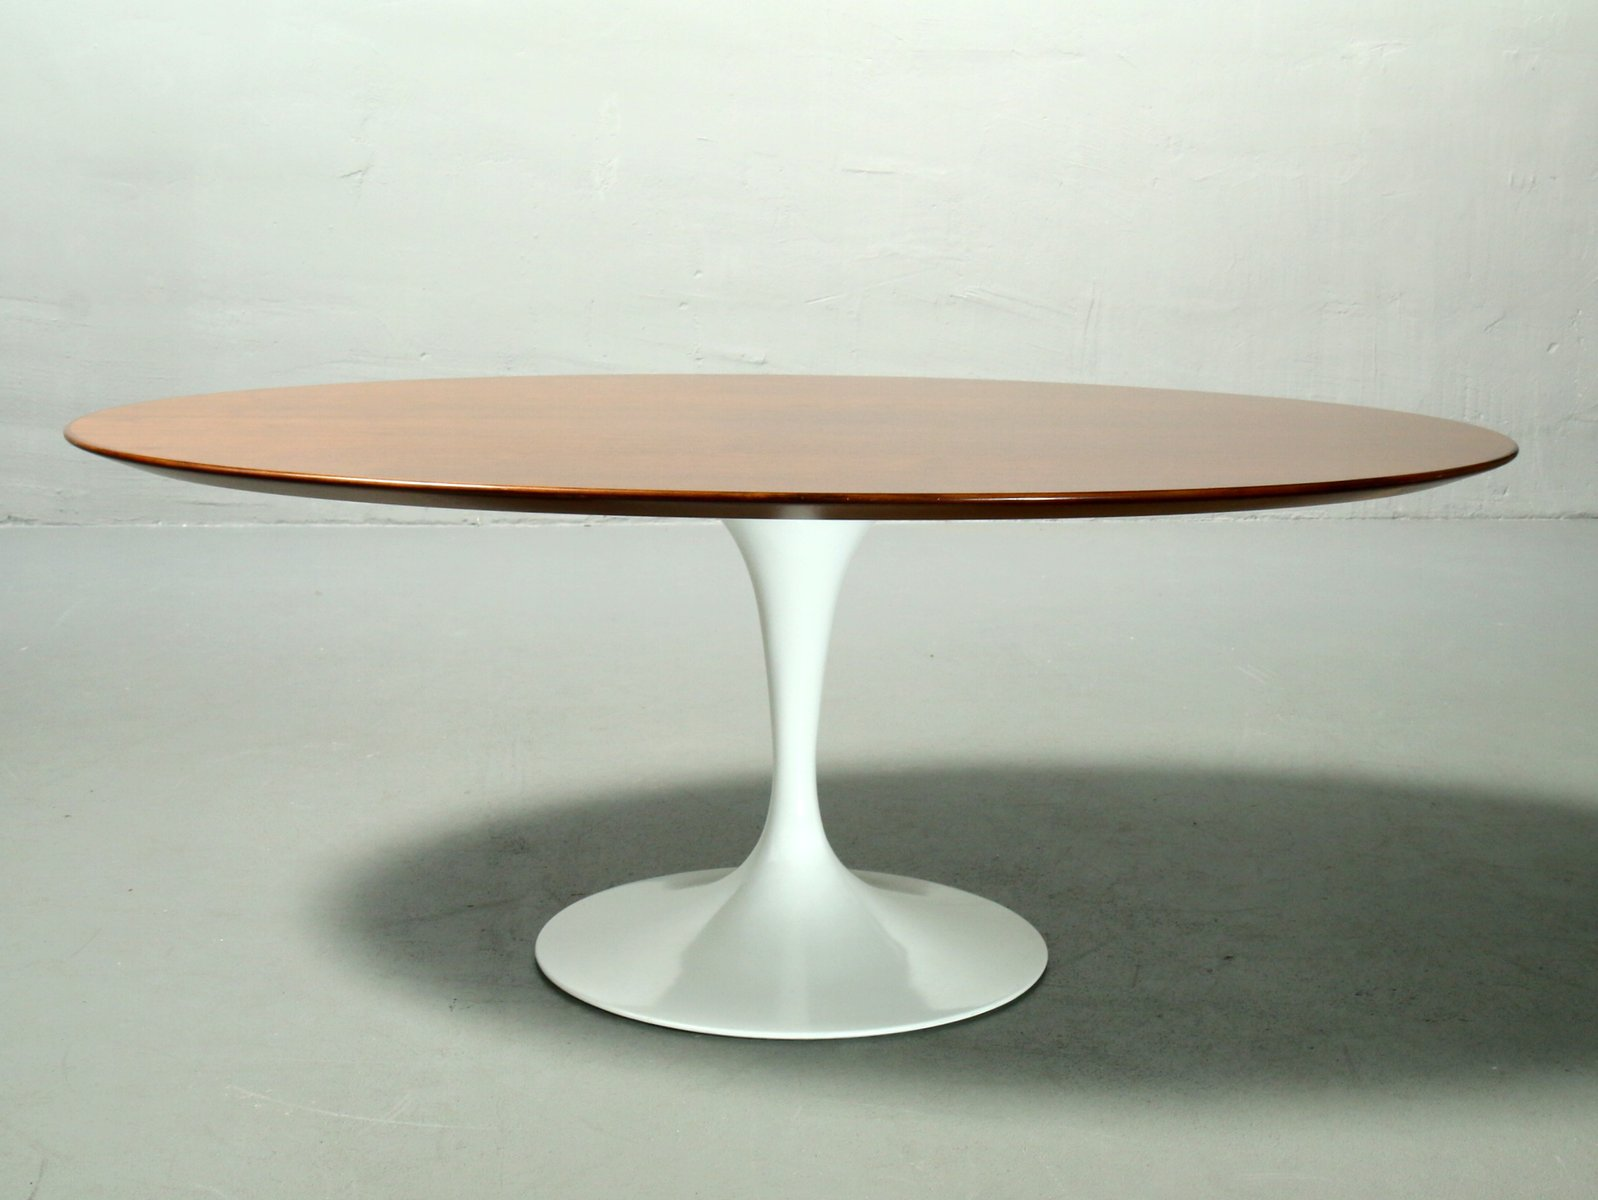 Tavolino da caff ovale impiallacciato in legno di eero saarinen per knoll international anni - Tavolo saarinen knoll originale ...